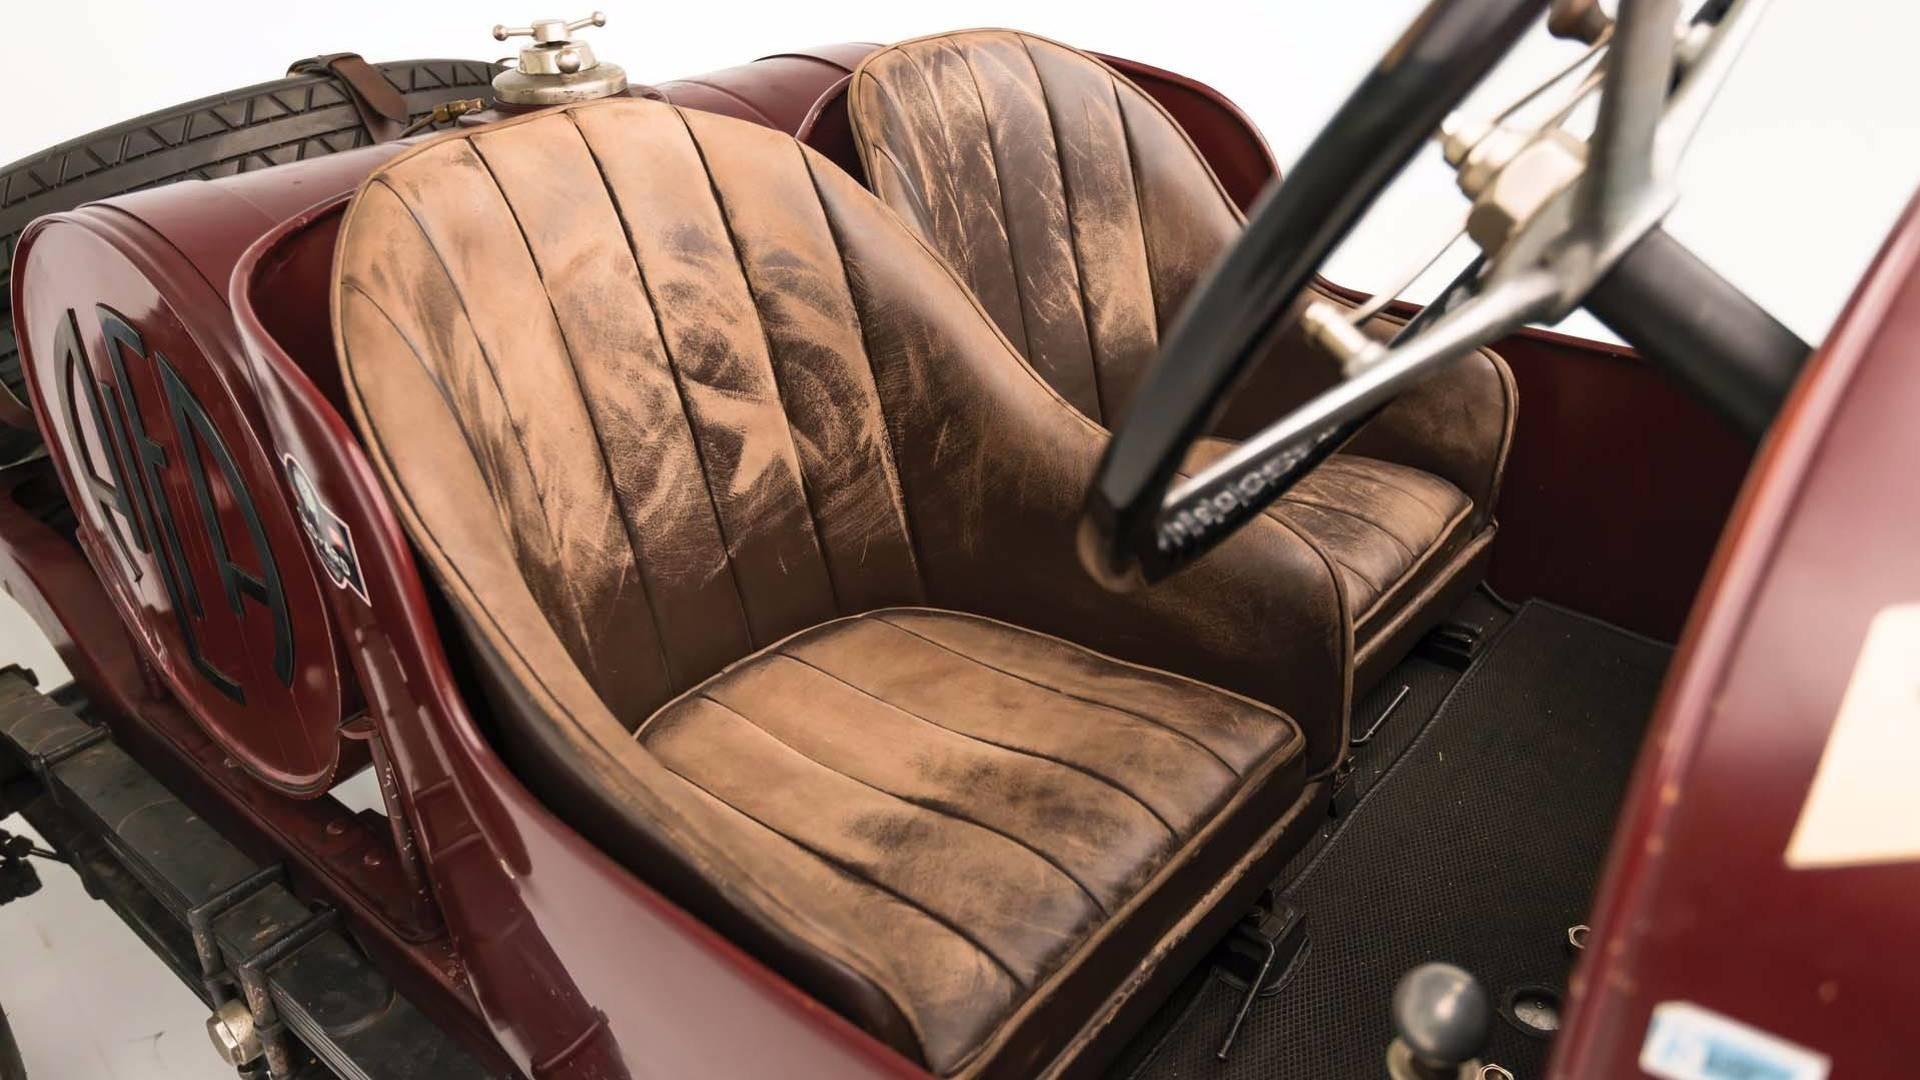 Последний уцелевший экземпляр первой модели Альфа Ромео продадут нааукционе